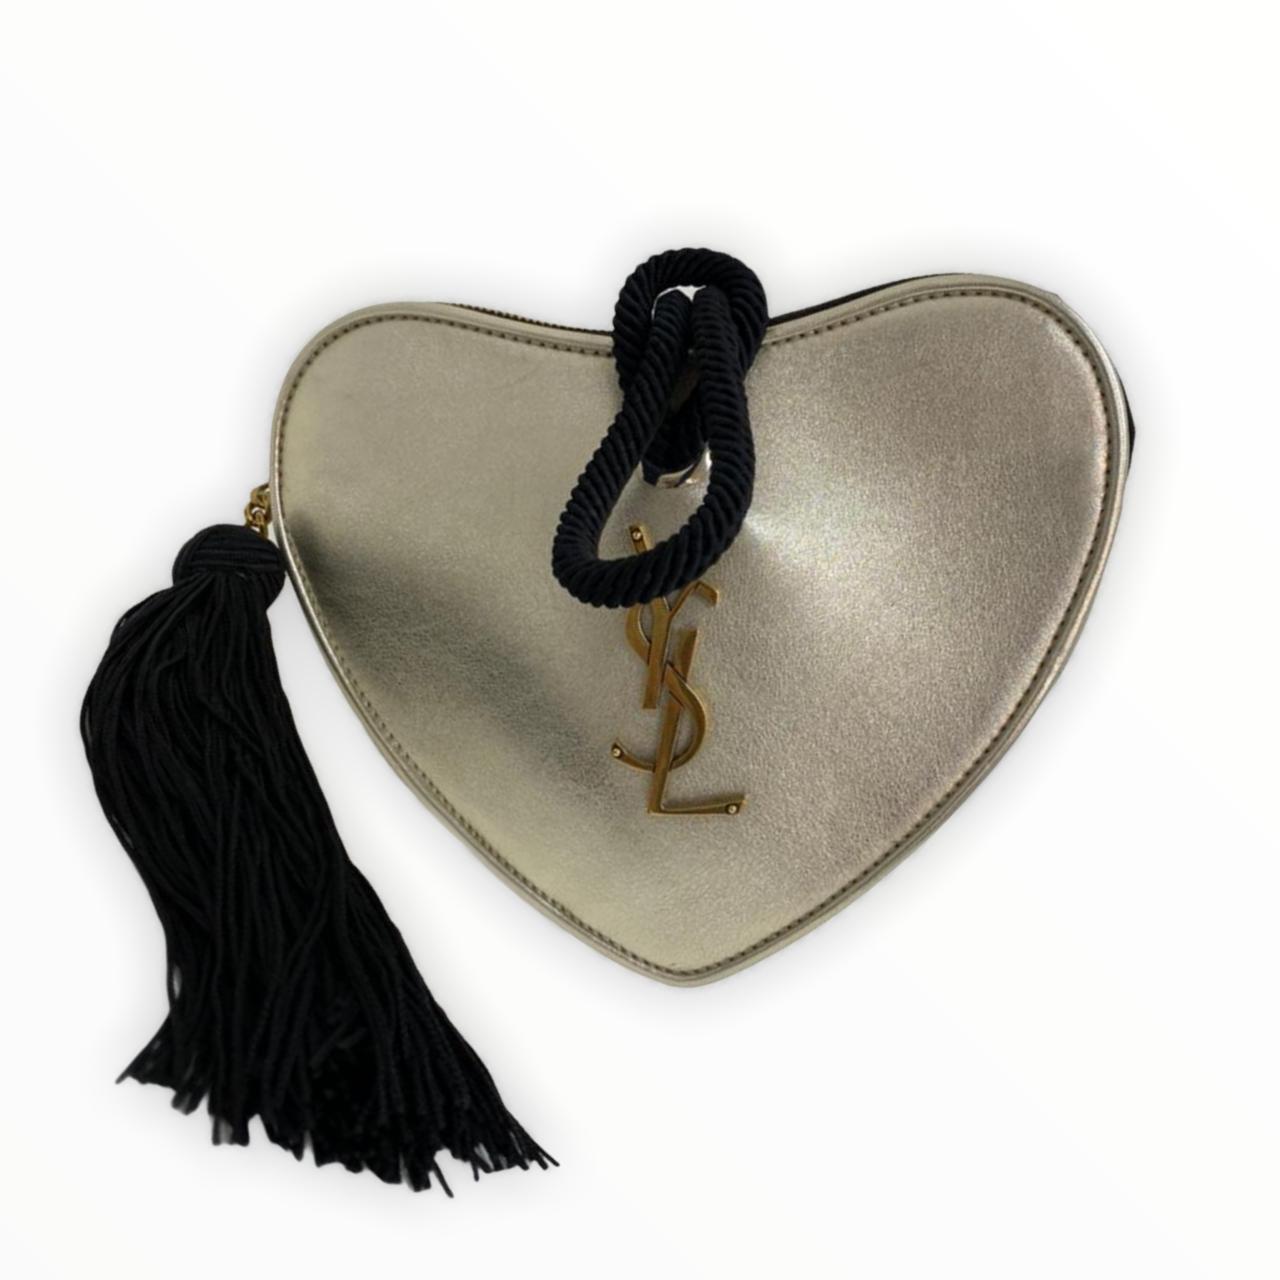 Bolsa Yves Saint Laurent Handbag